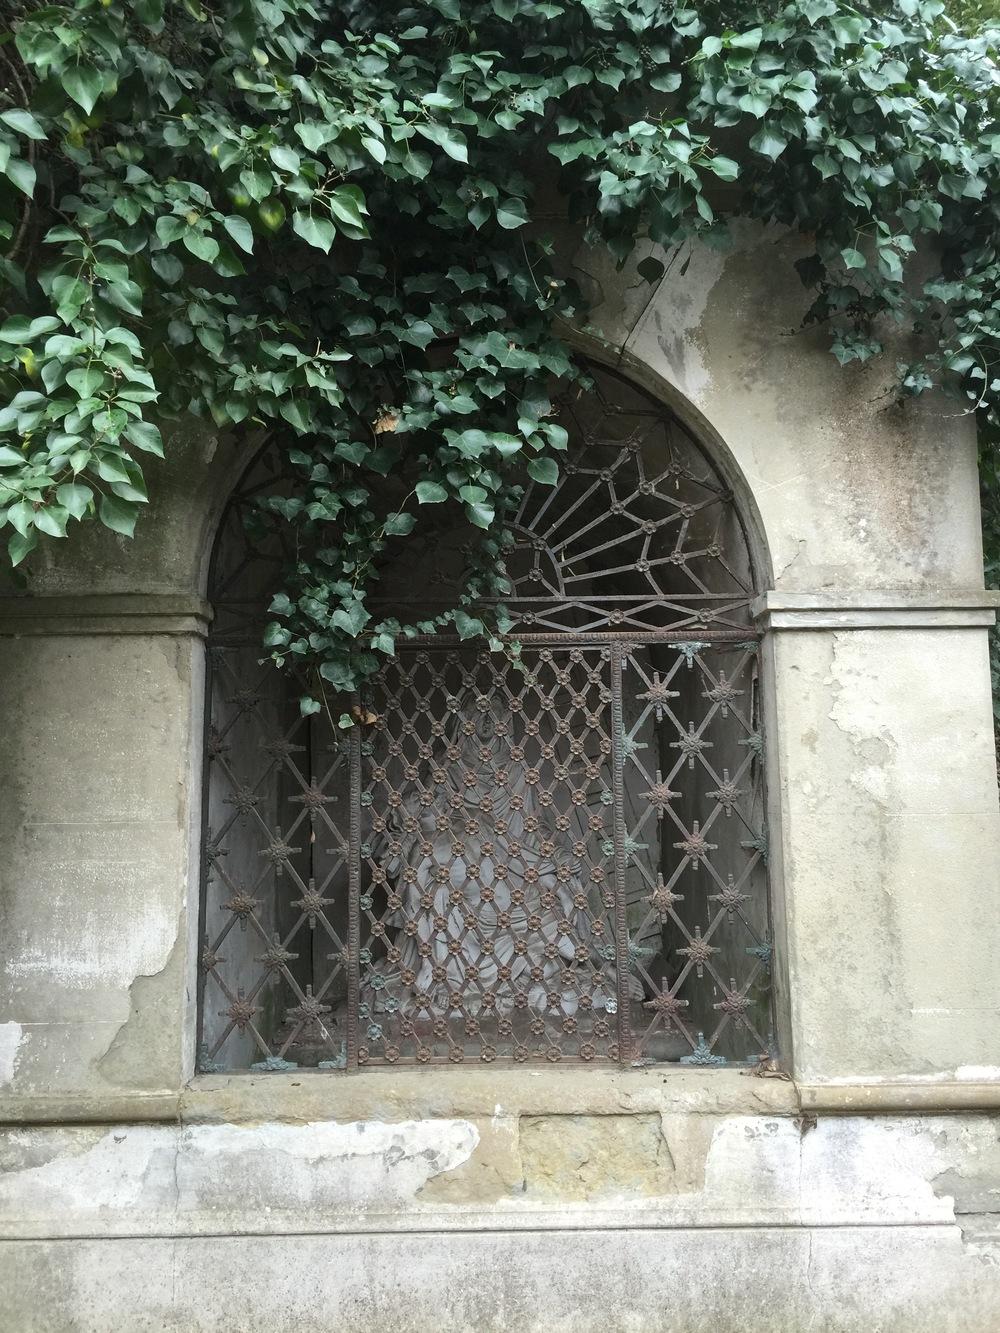 Le-Jardin-du-Calvaire-Carcassonne-jessewaugh.com-7.jpg